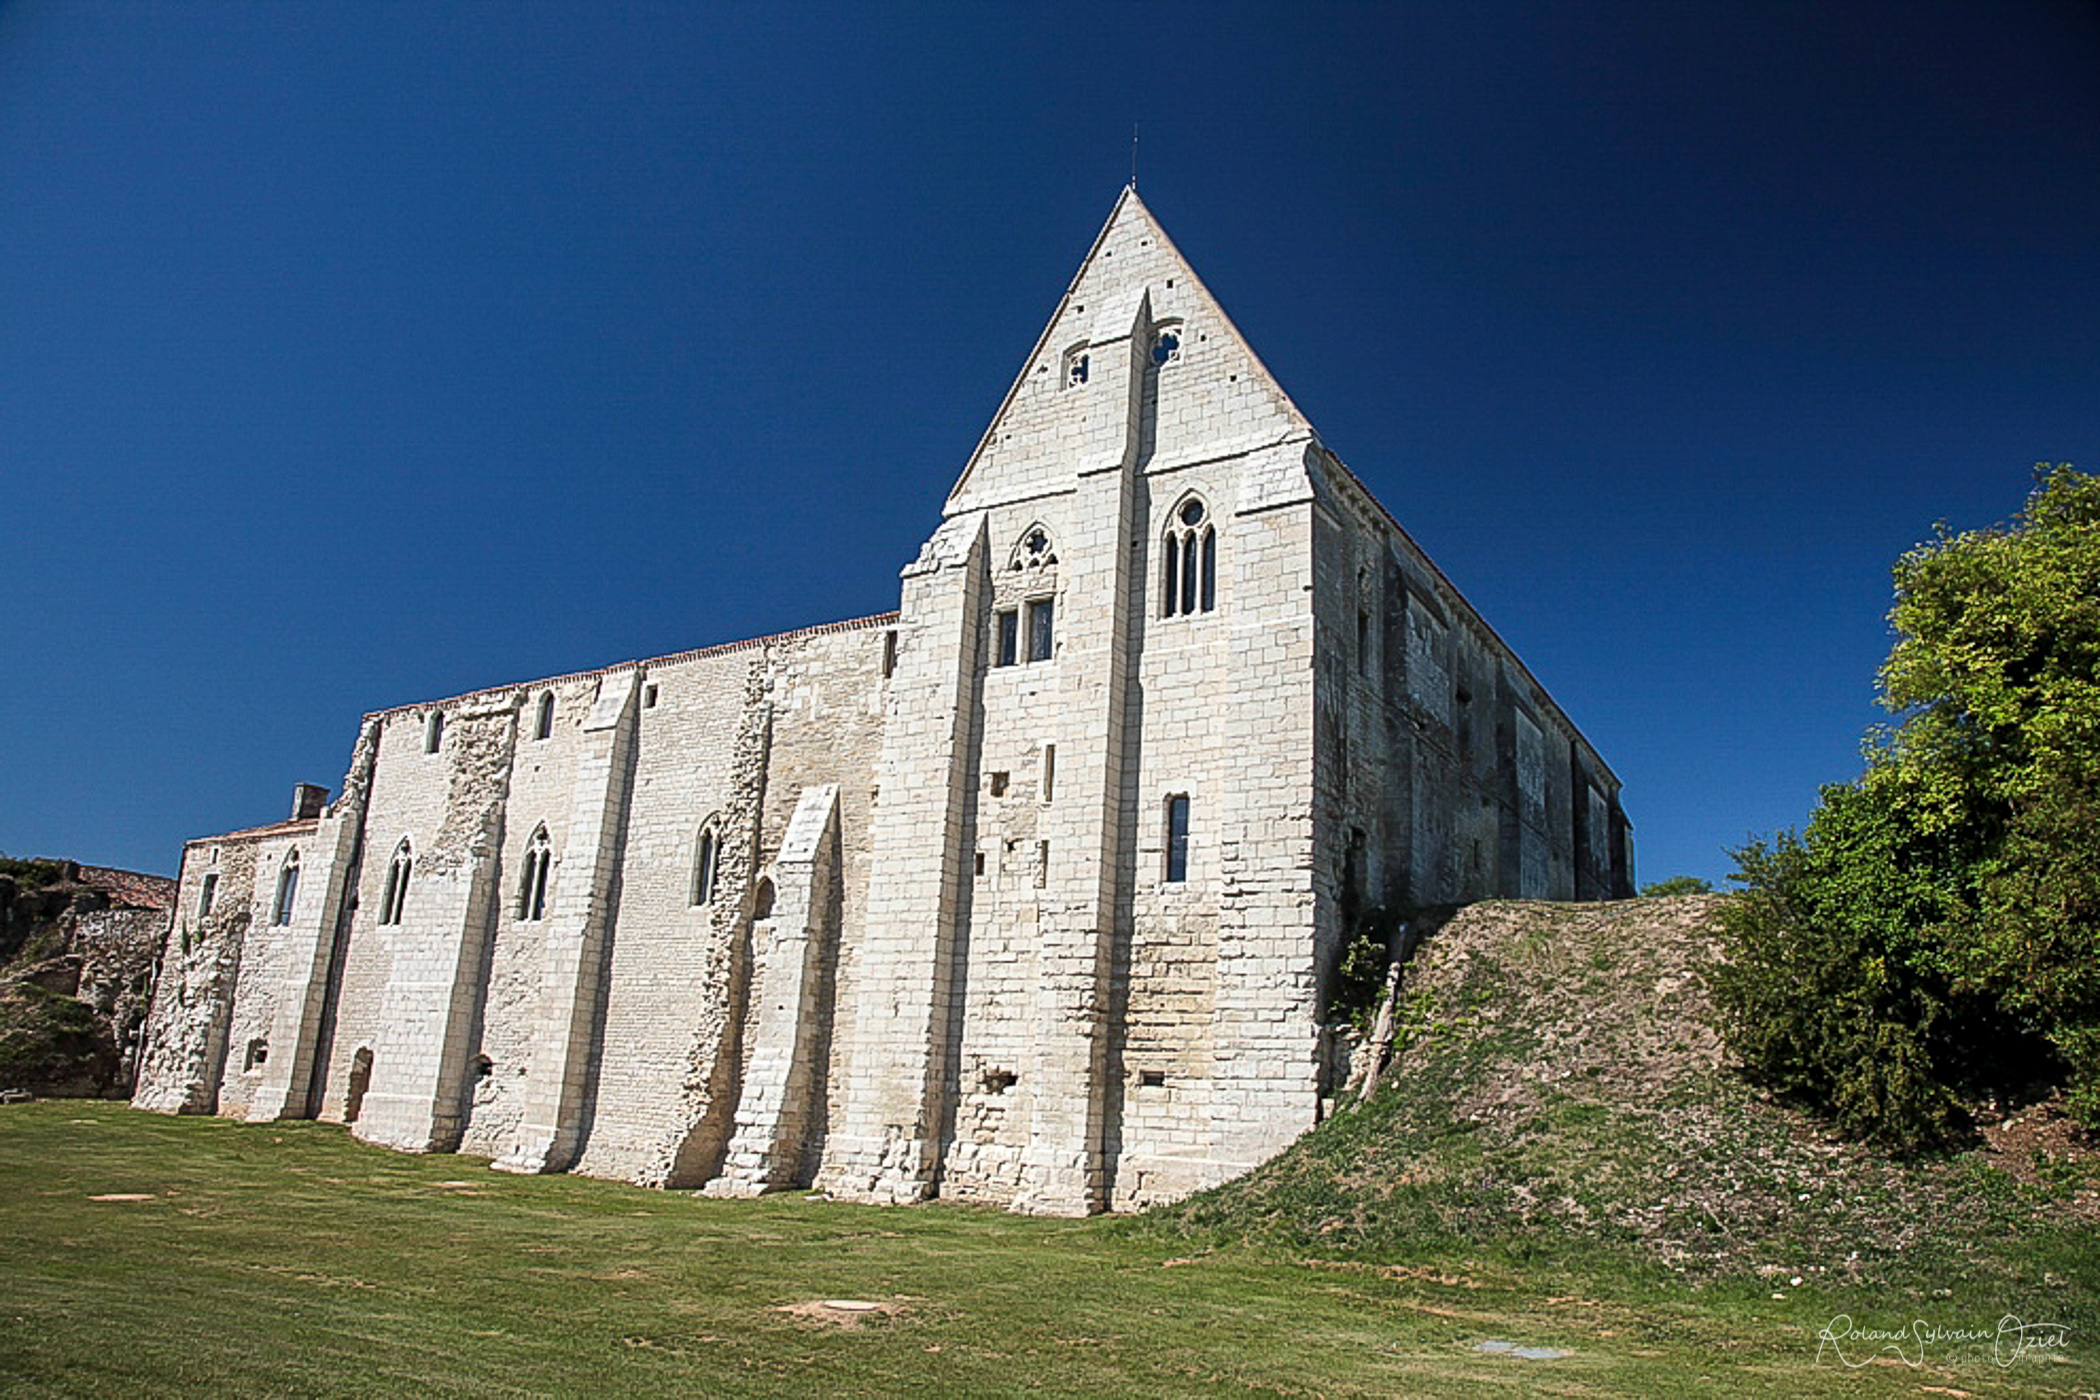 Animations et visites guidées autour de l'Abbaye de Maillezais en Vendée